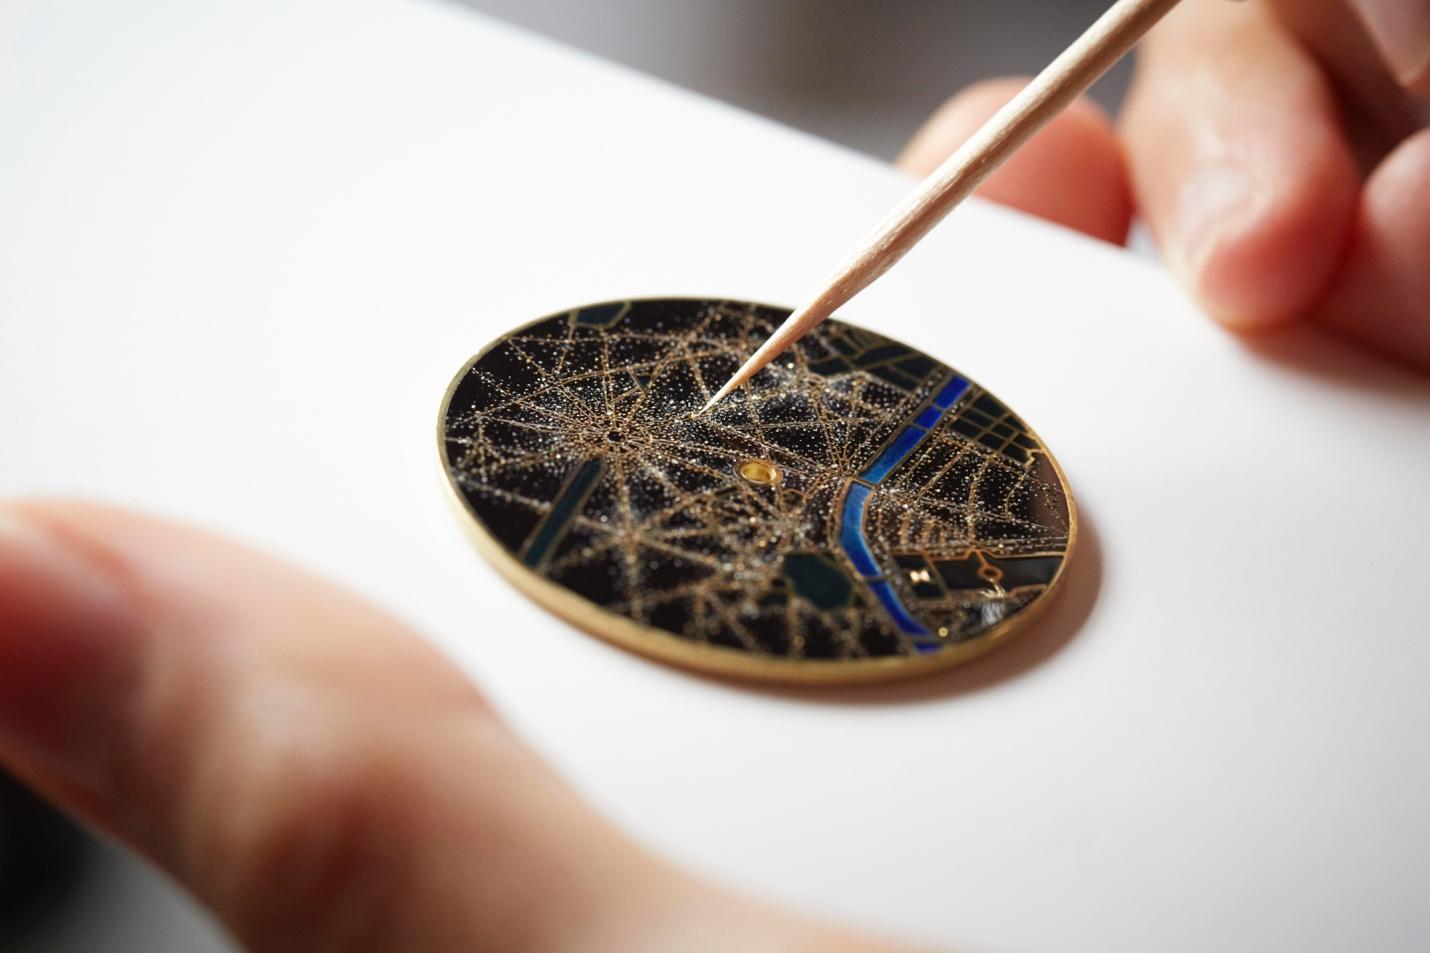 Từ xa xưa, nghệ thuật chế tác đồng hồ và trang sức luôn có mối quan hệ mật thiết. Khi xuất hiện trên đồng hồ, kỹ nghệ khảm nạm đá quý luôn cho ra đời những tác phẩm độc đáo và thu hút. Sự kiên nhẫn, tập trung là yếu tố quan trọng trong giúp những viên đá lấp lánh tỏa hào quang. Kết hợp giữa kỹ thuật và cảm xúc, các nghệ nhân khảm nạm thổi hồn vào các mảnh ghép, đem lại sức sống cho đồng hồ xa xỉ.